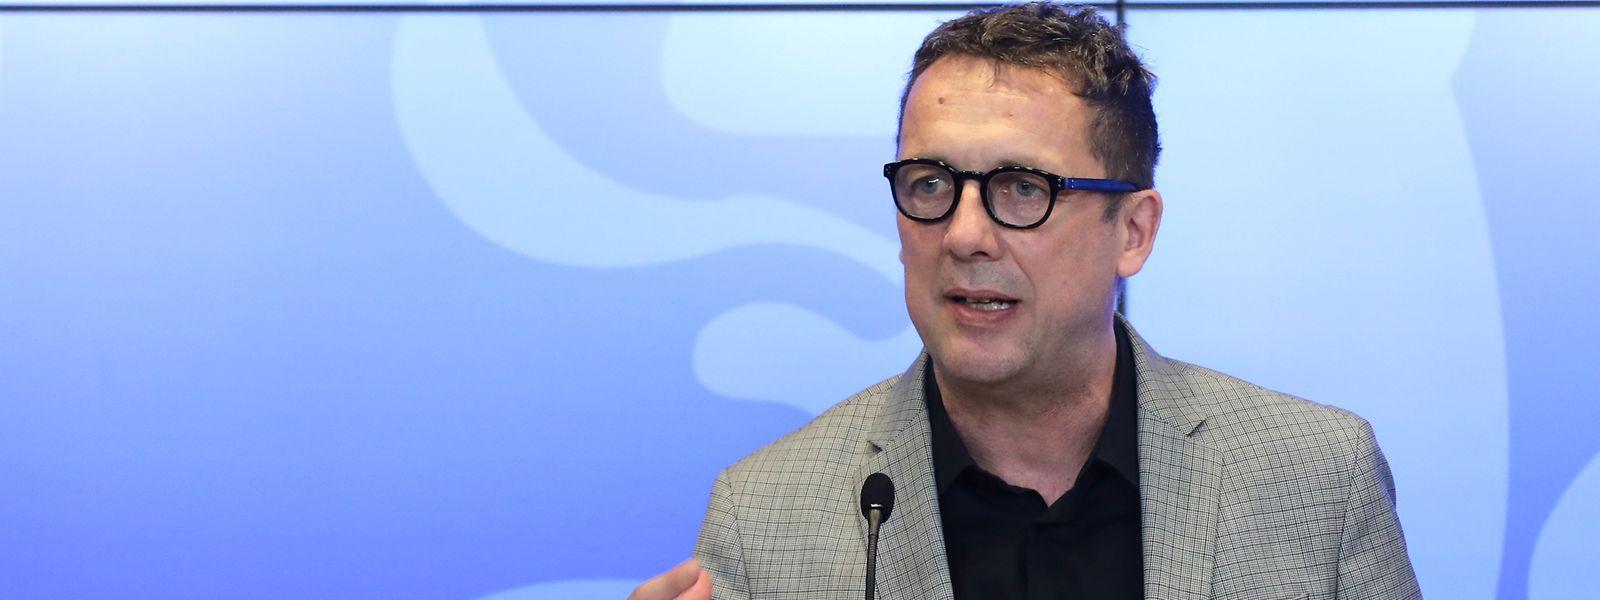 «Si tous les citoyens se soumettent au test, il coûtera 30 euros par personne», dit le Dr Ulf Nehrbass